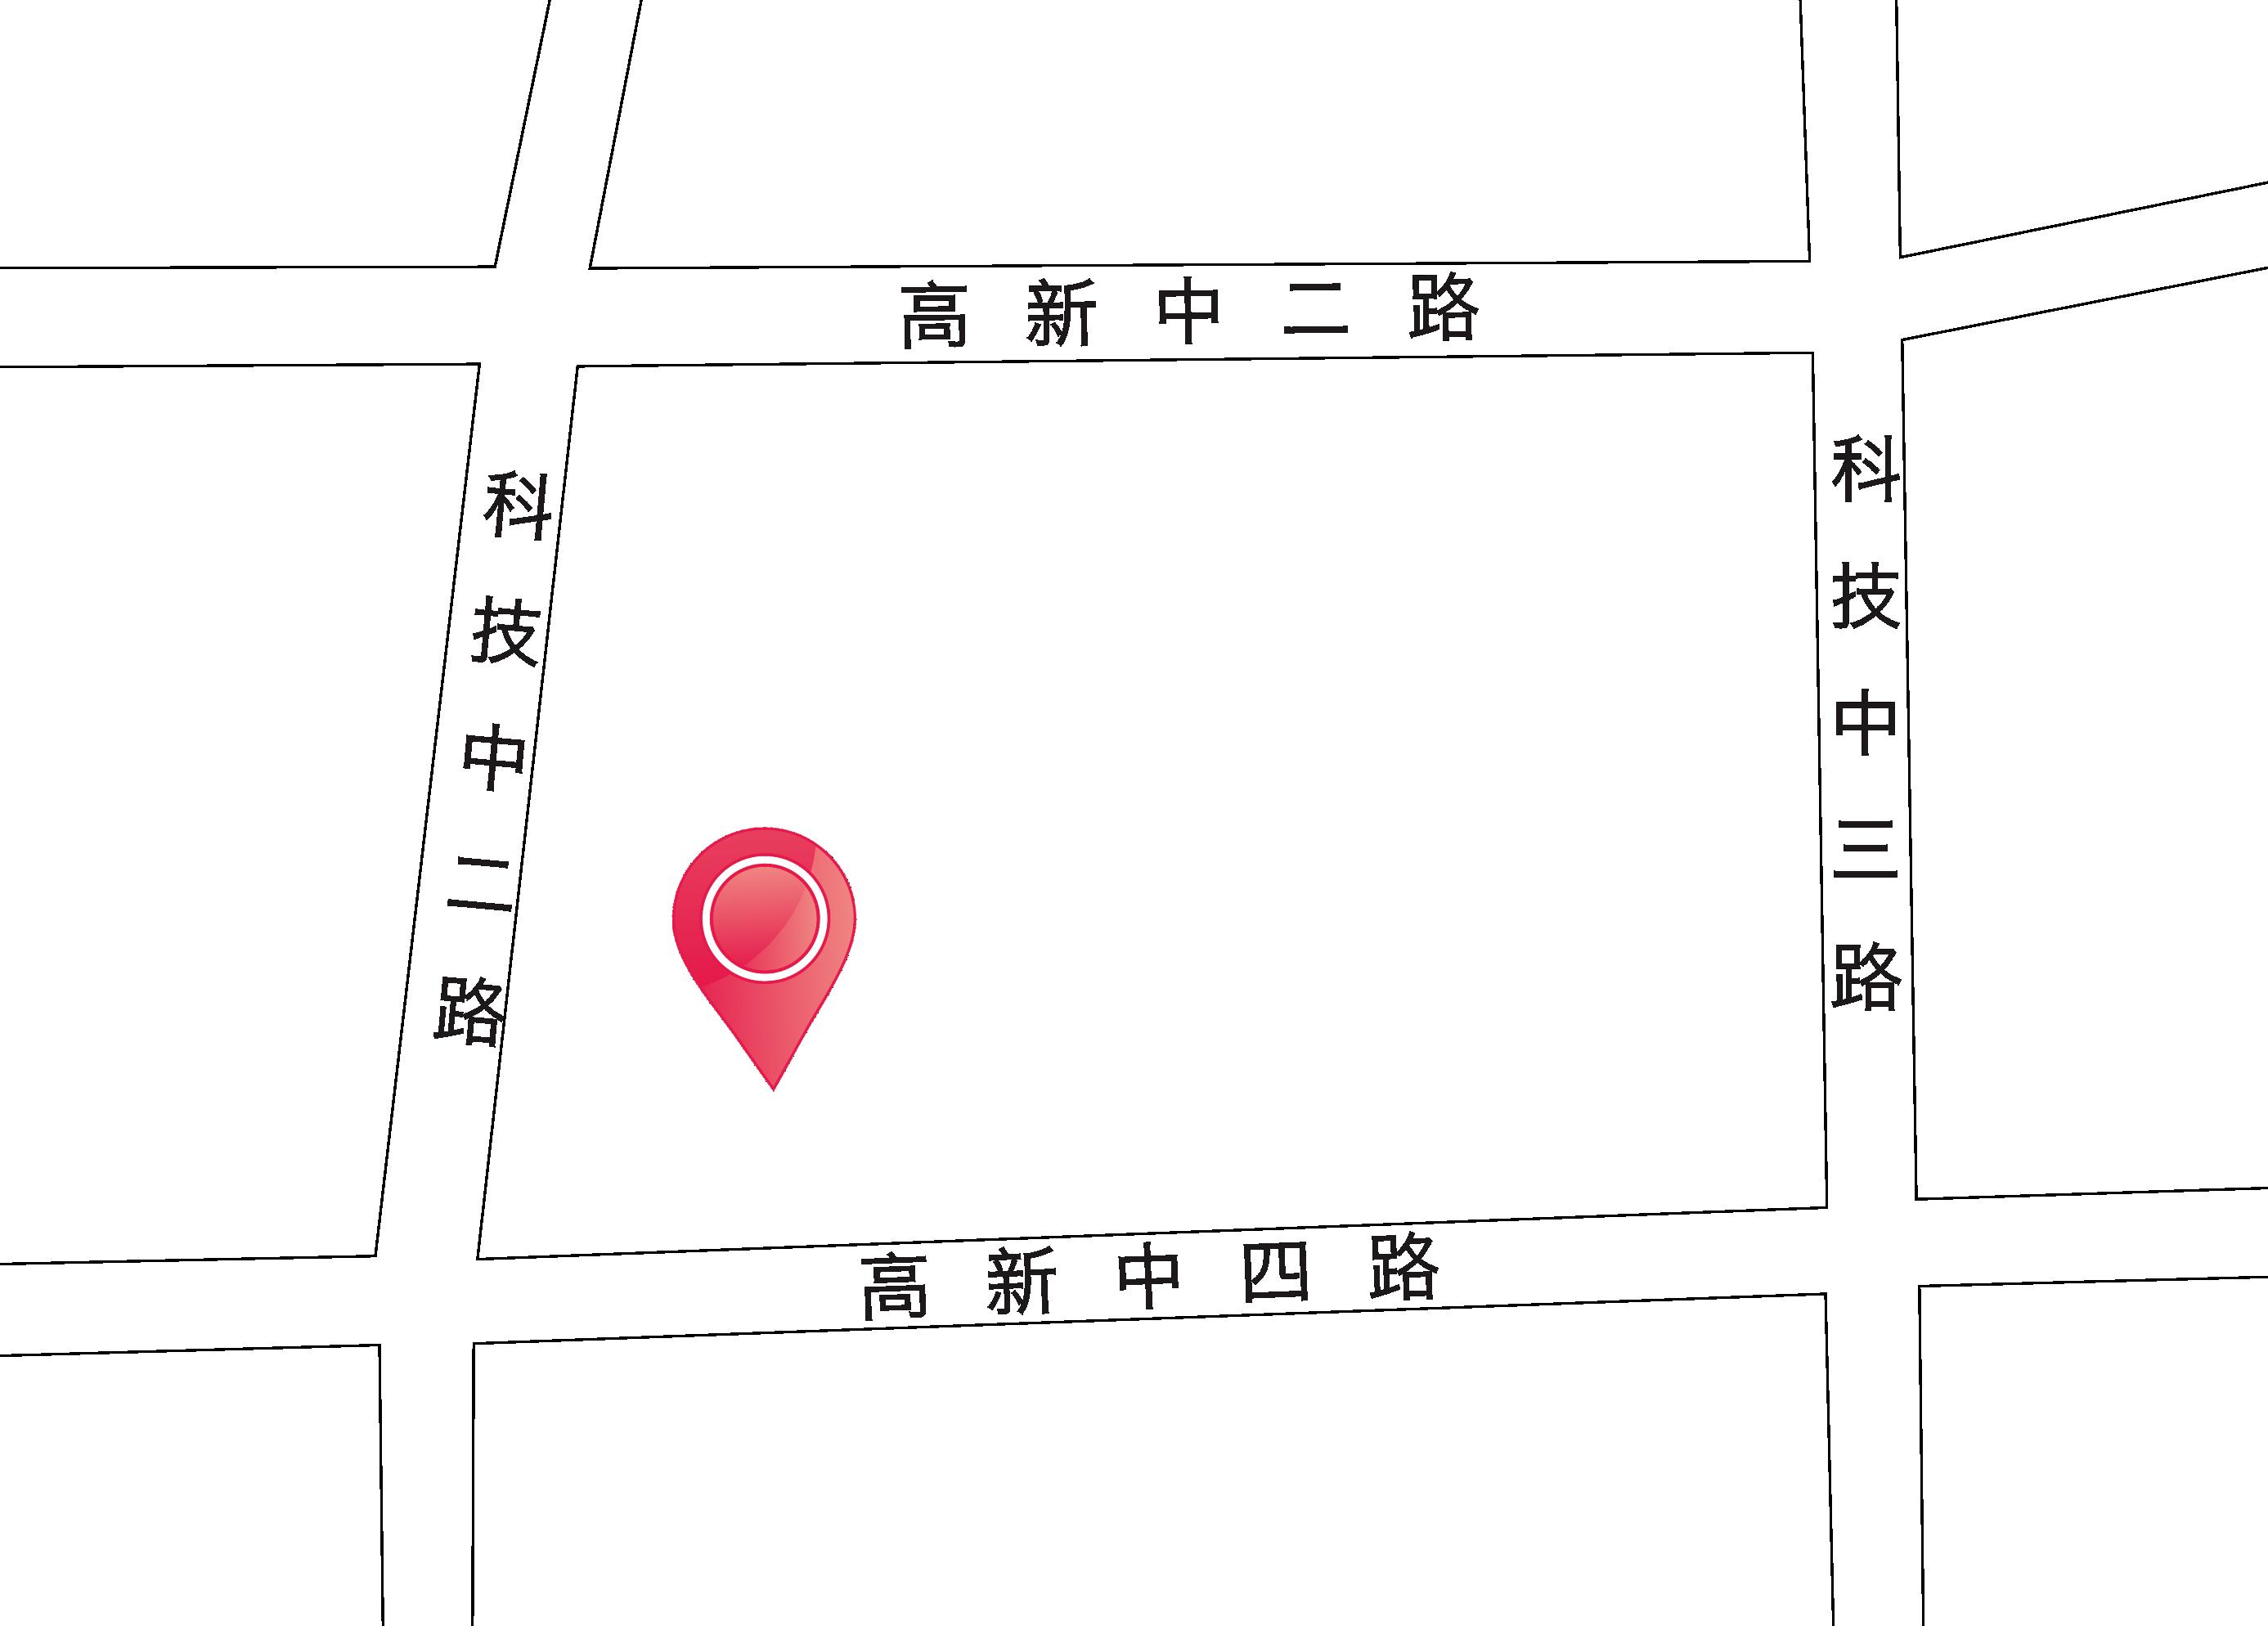 深圳.png